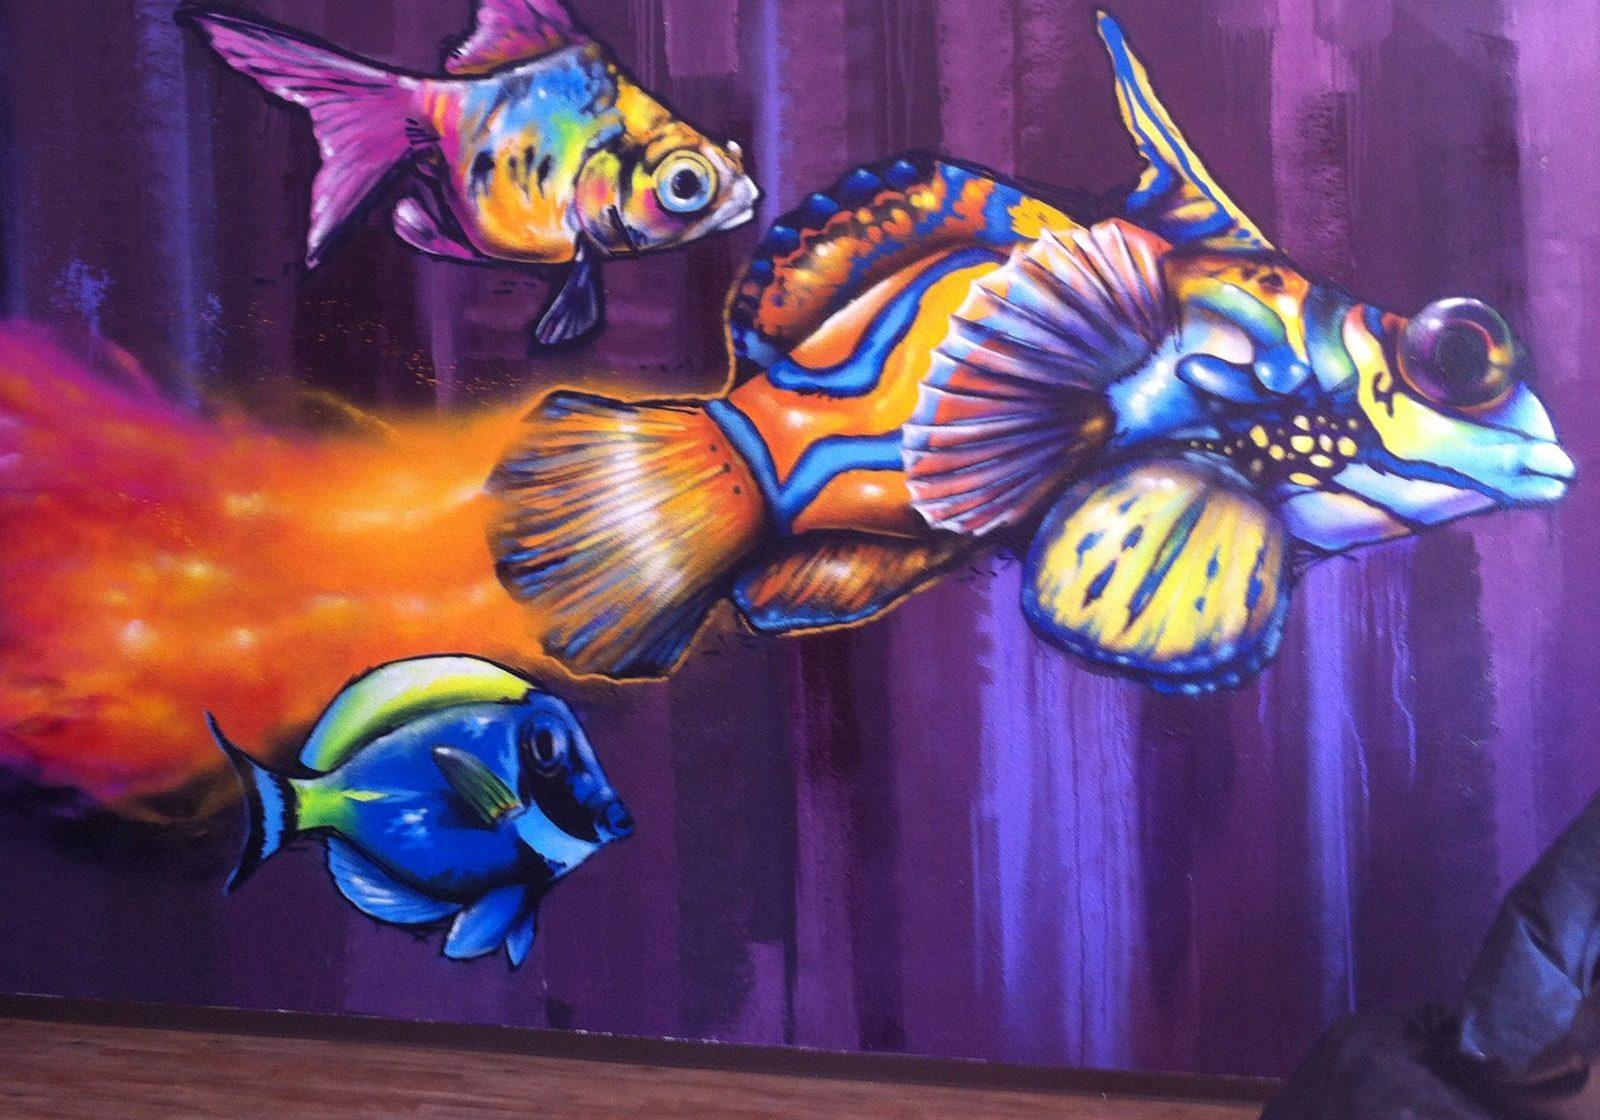 graffitiauftrag-graffitikuenstler-artmos4-fisch-bunt-abstrakt